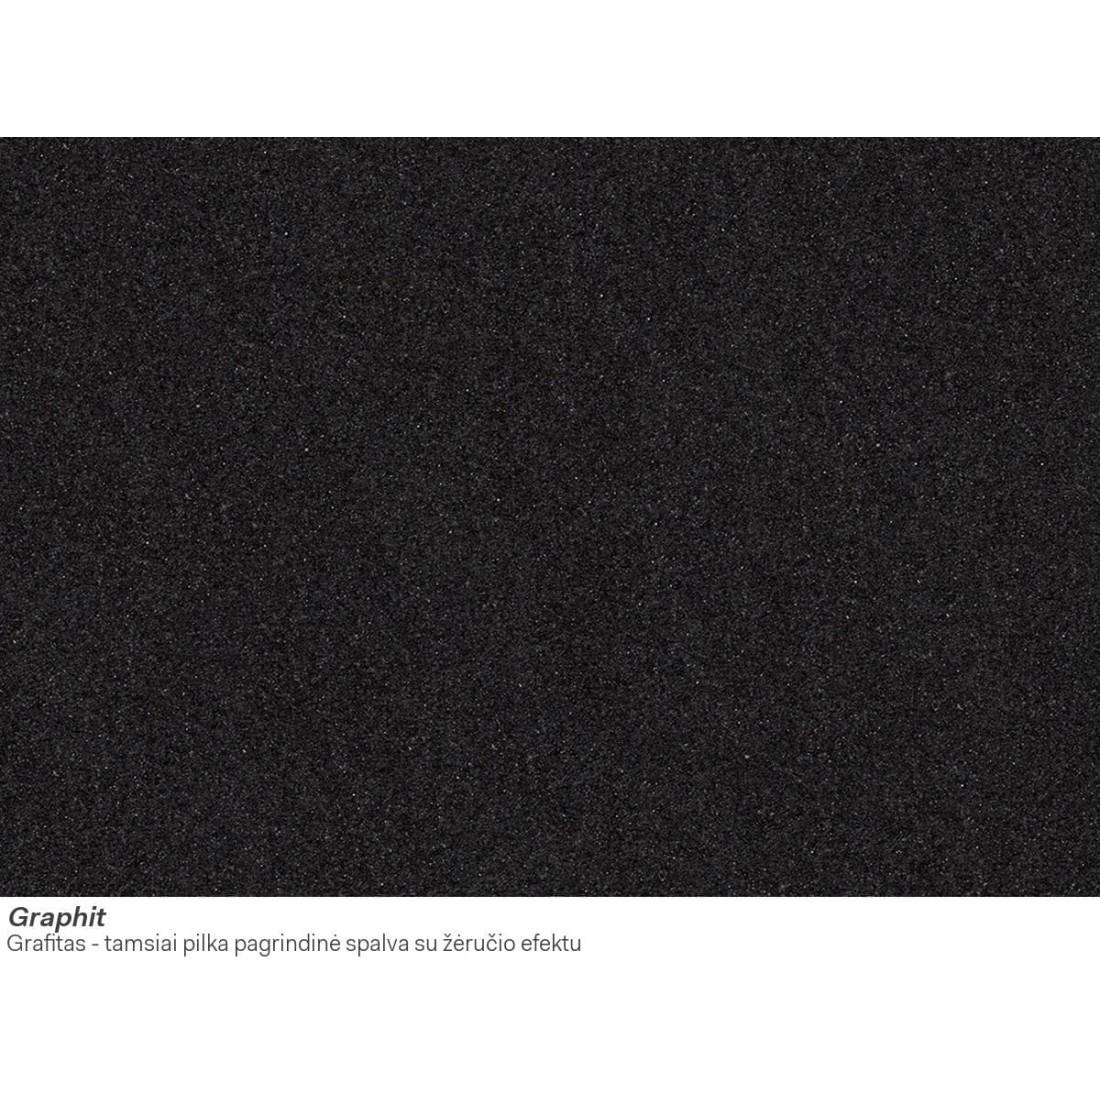 Akmens masės plautuvė Franke Mythos, MTG 651-100, Graphit, dubuo dešinėje